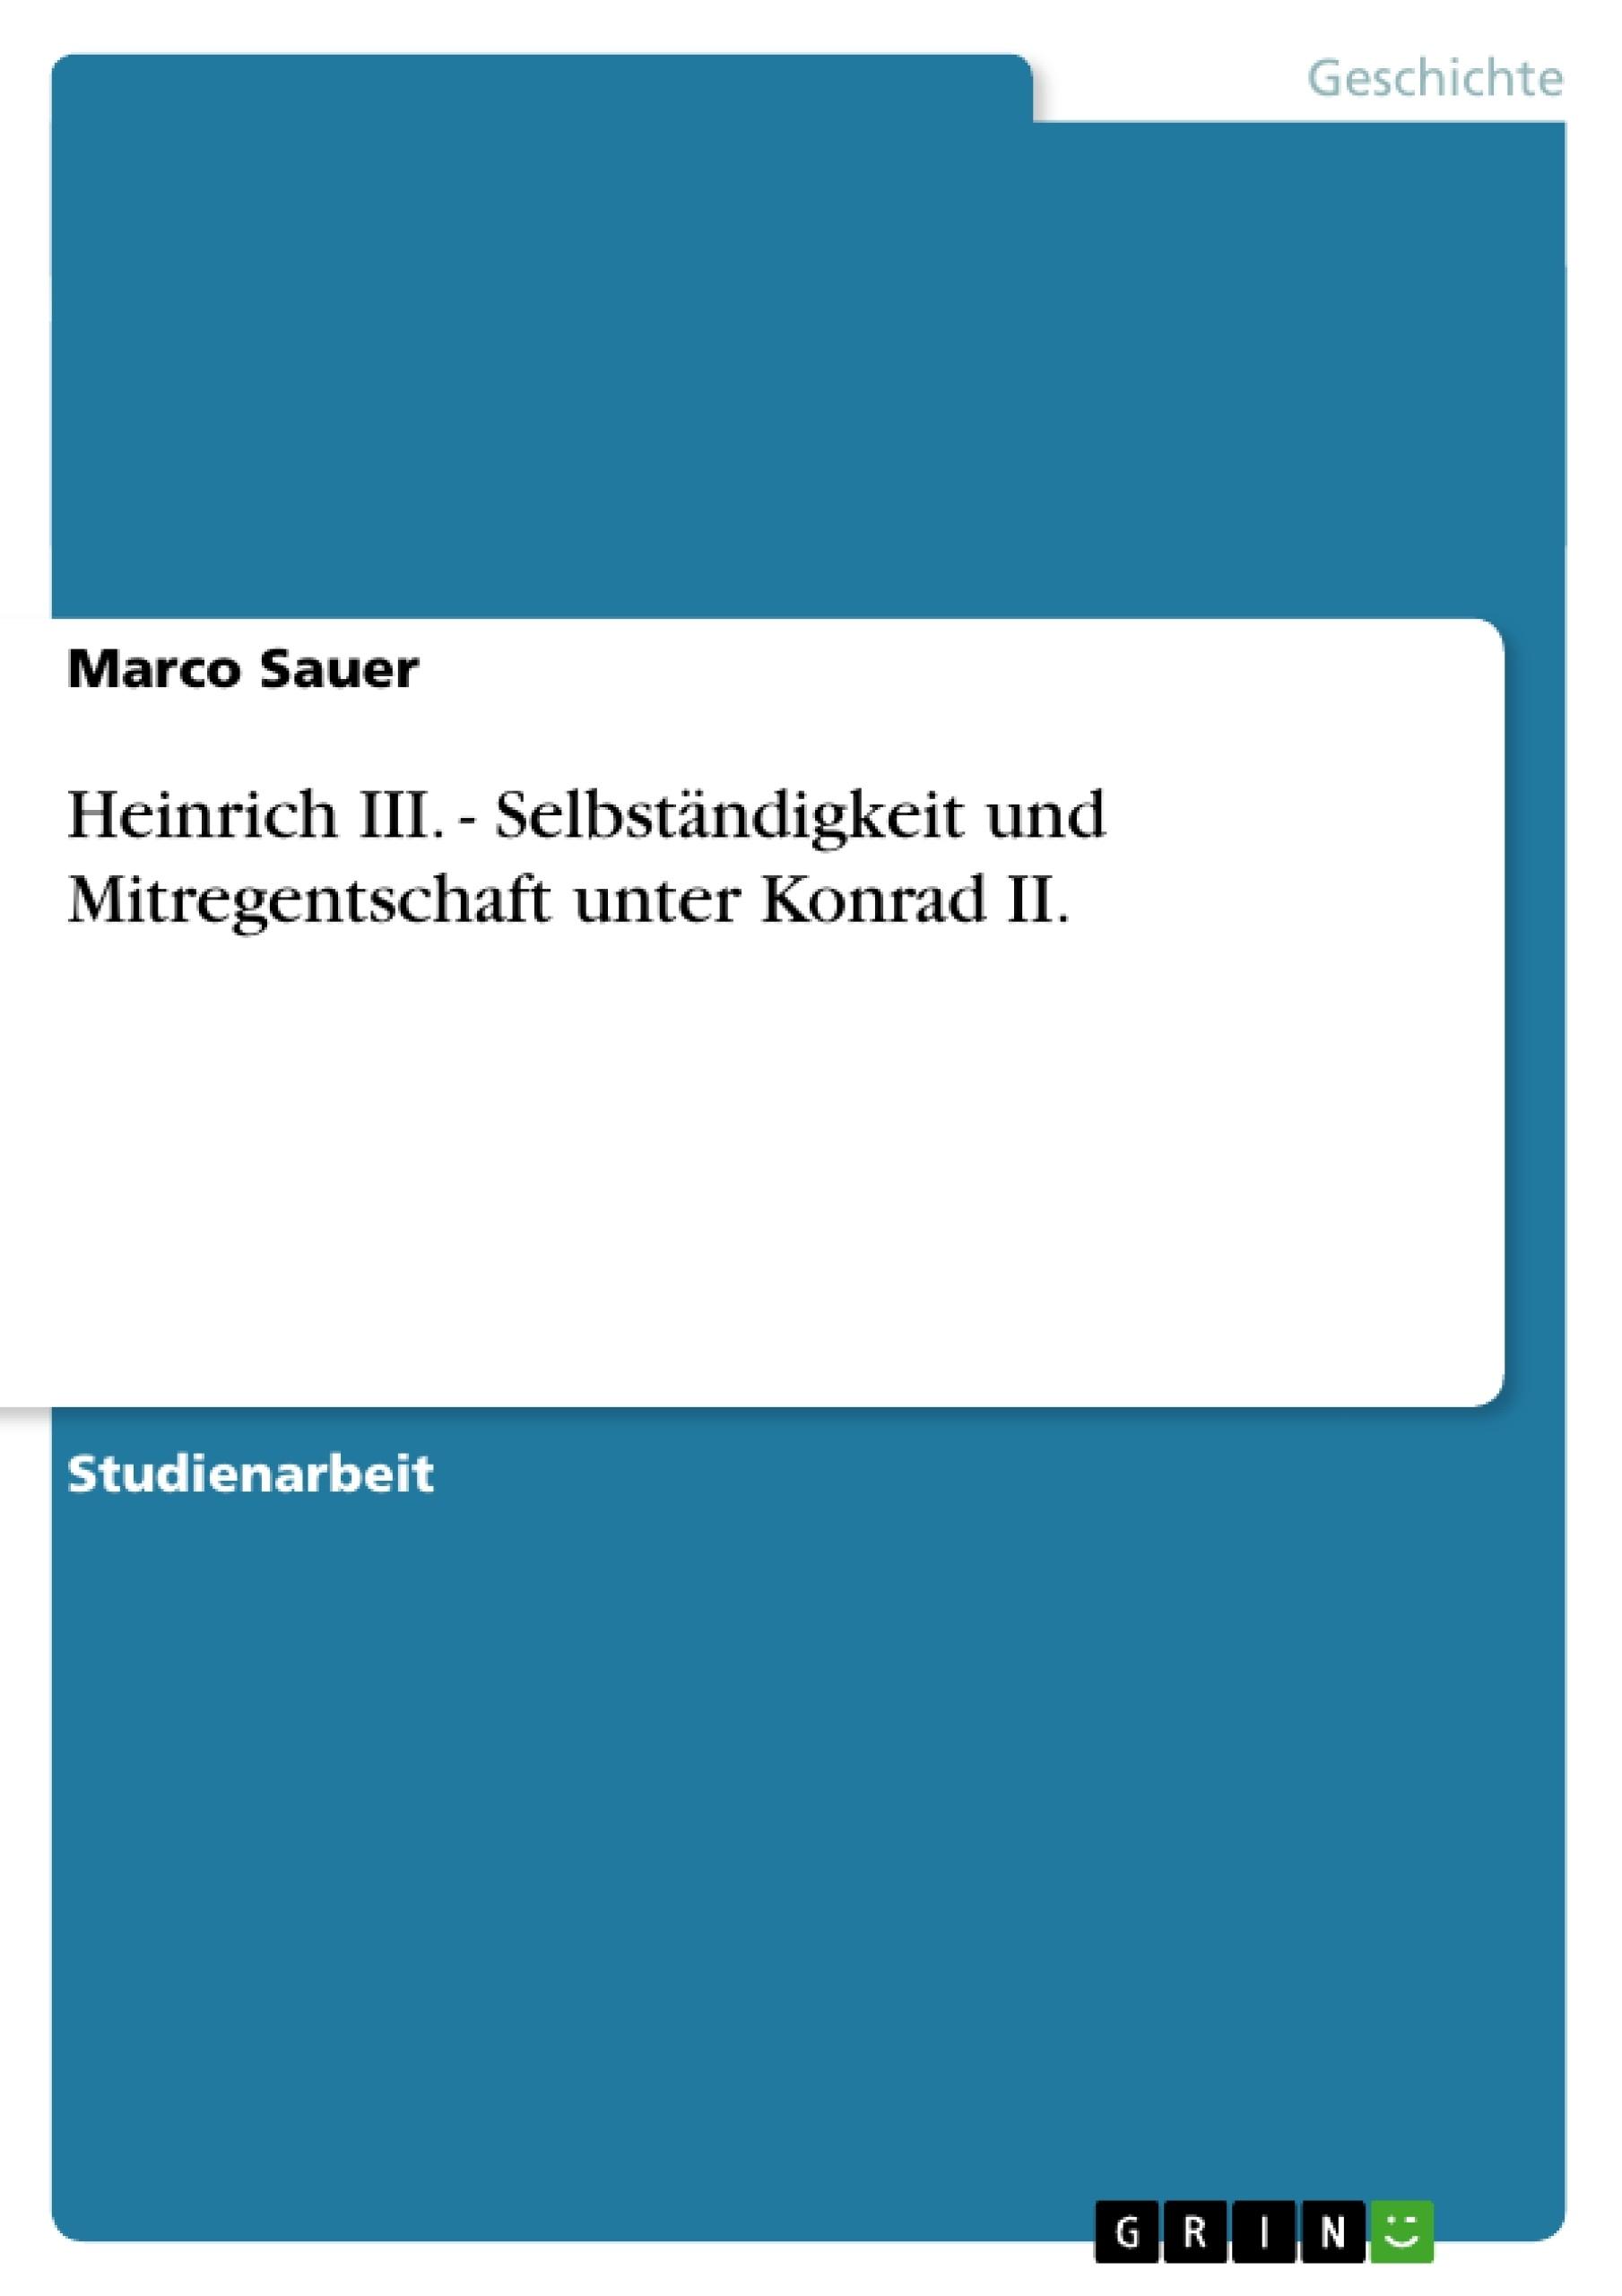 Titel: Heinrich III. - Selbständigkeit und Mitregentschaft unter Konrad II.